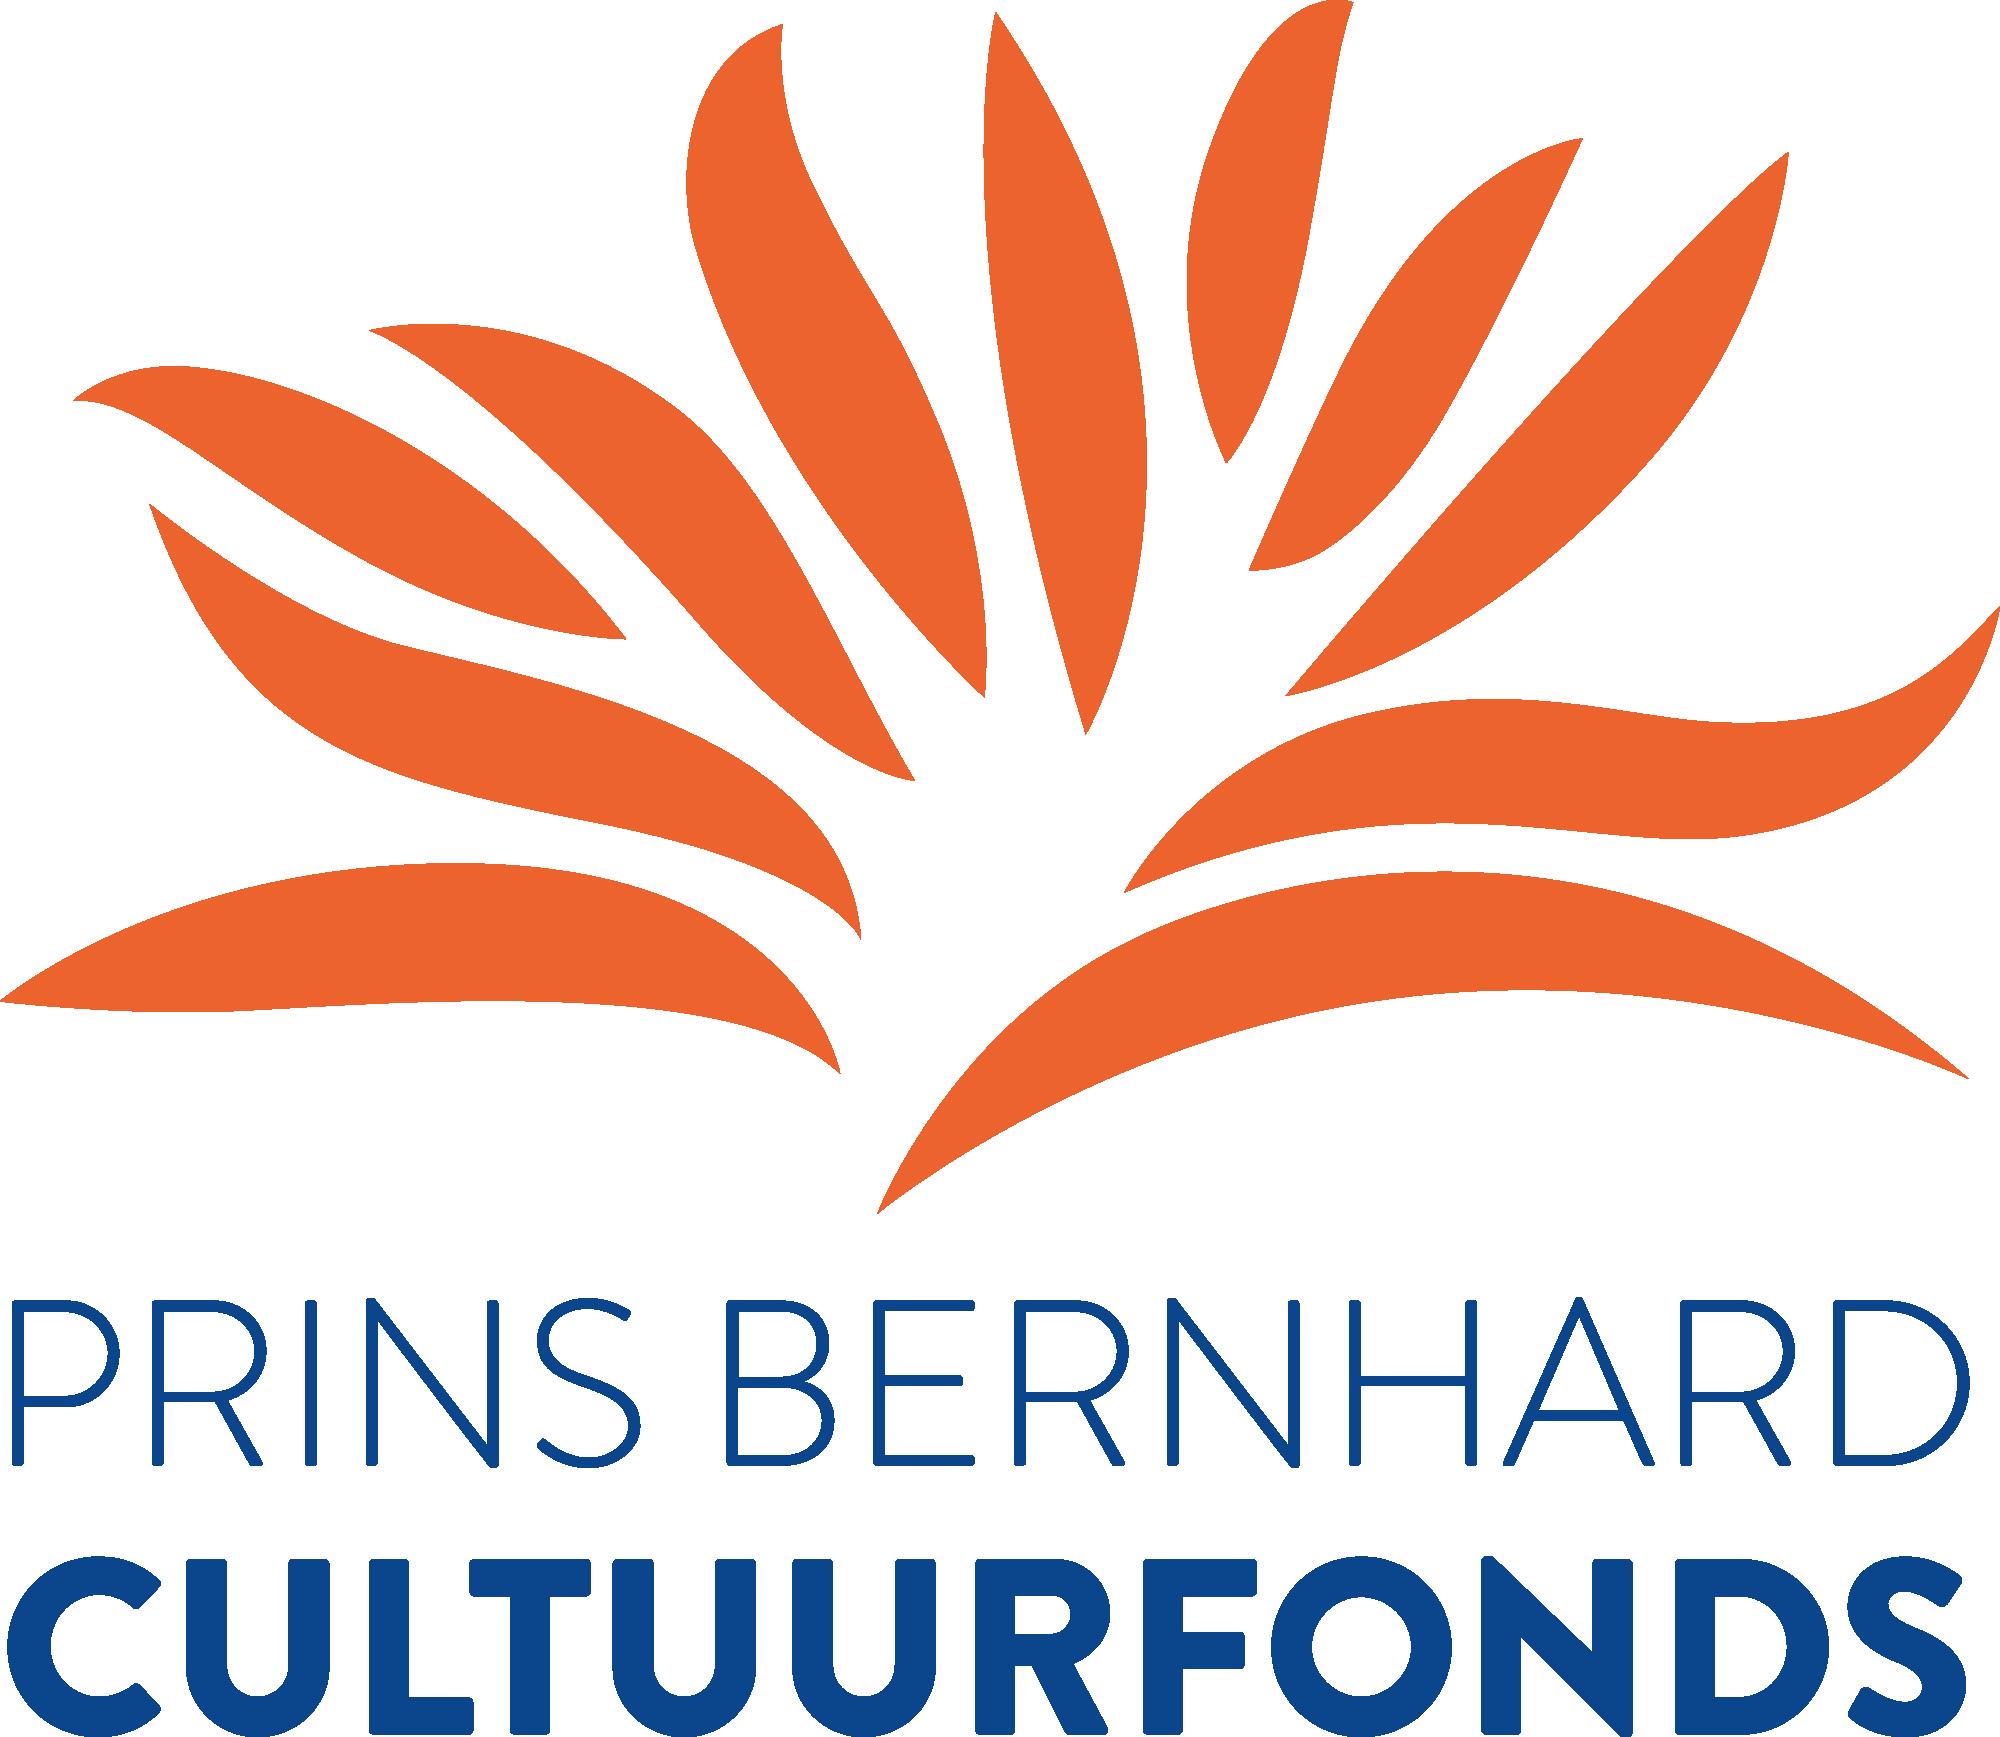 Helft Nederlanders zorgelijk over cultuursector door coronacrisis